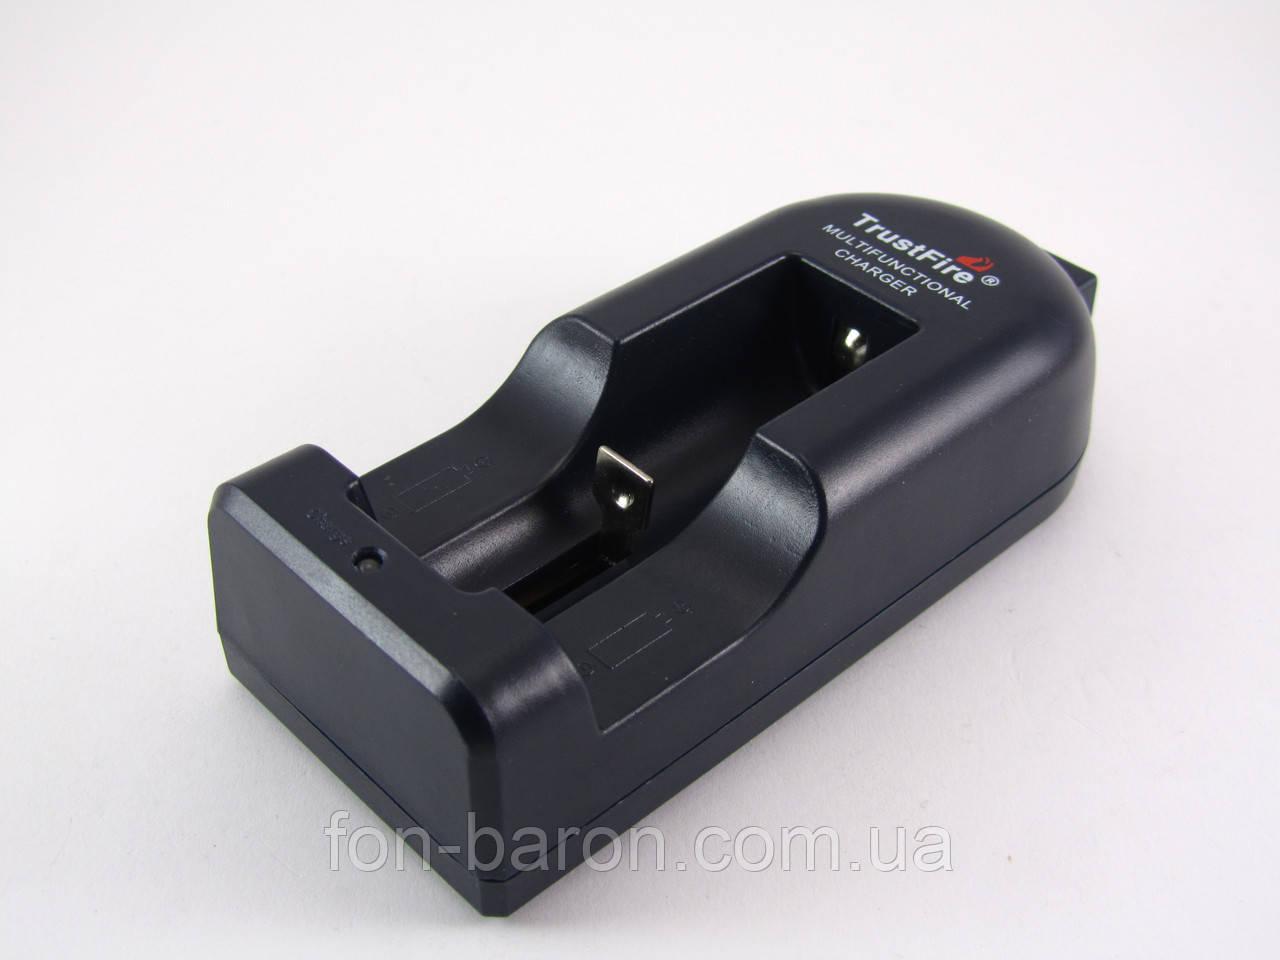 Зарядное устройство Trastfire TR-002, фото 1